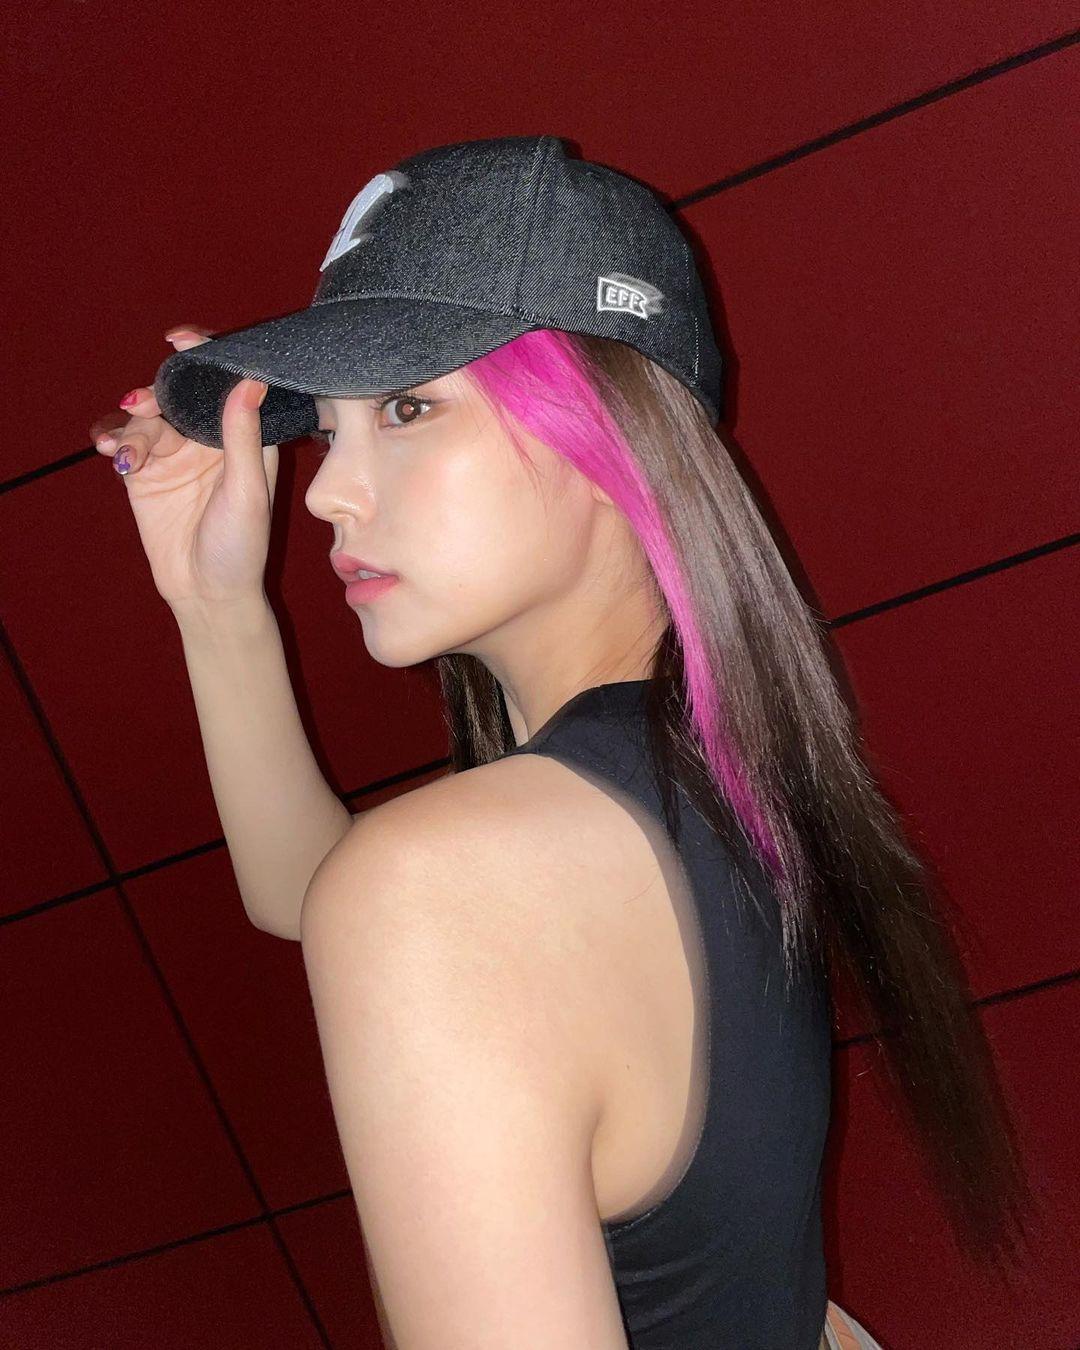 Kiểu tóc highlight của Yeji nhận không ít ý kiến trái chiều. Nhiều người khen nữ idol trông cực ngầu và chất chơi, bên cạnh đó không ít bình luận nhận xét phần highlight màu hồng quá chọi so với nền tóc tối màu của Yeji, khiến mái tóc của cô nàng bị chia lớp rõ rệt trông khá thiếu tự nhiên.